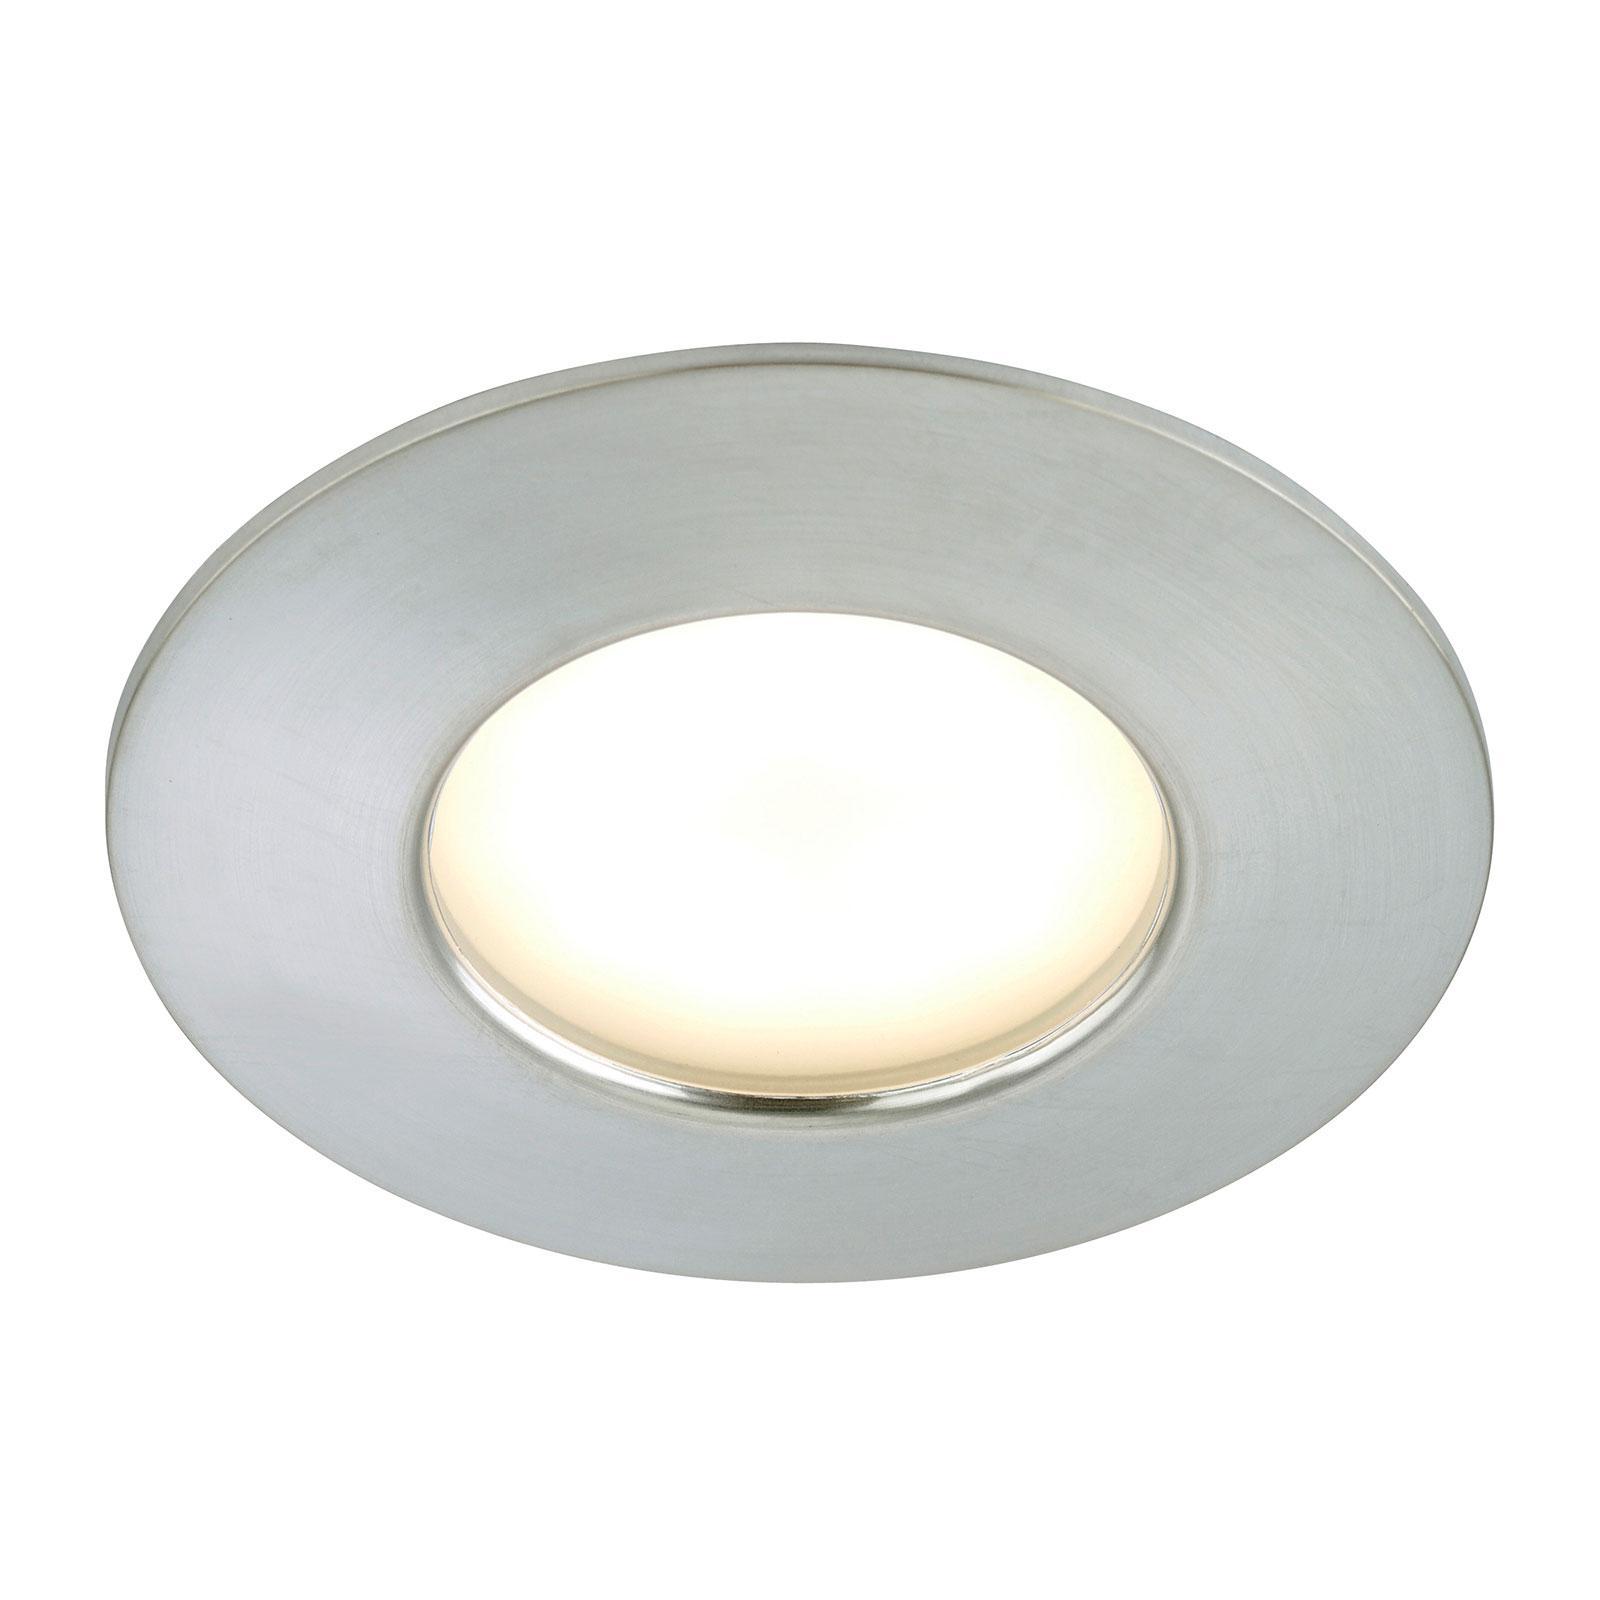 LED podhledové svítidlo Felia, IP44, barva hliník